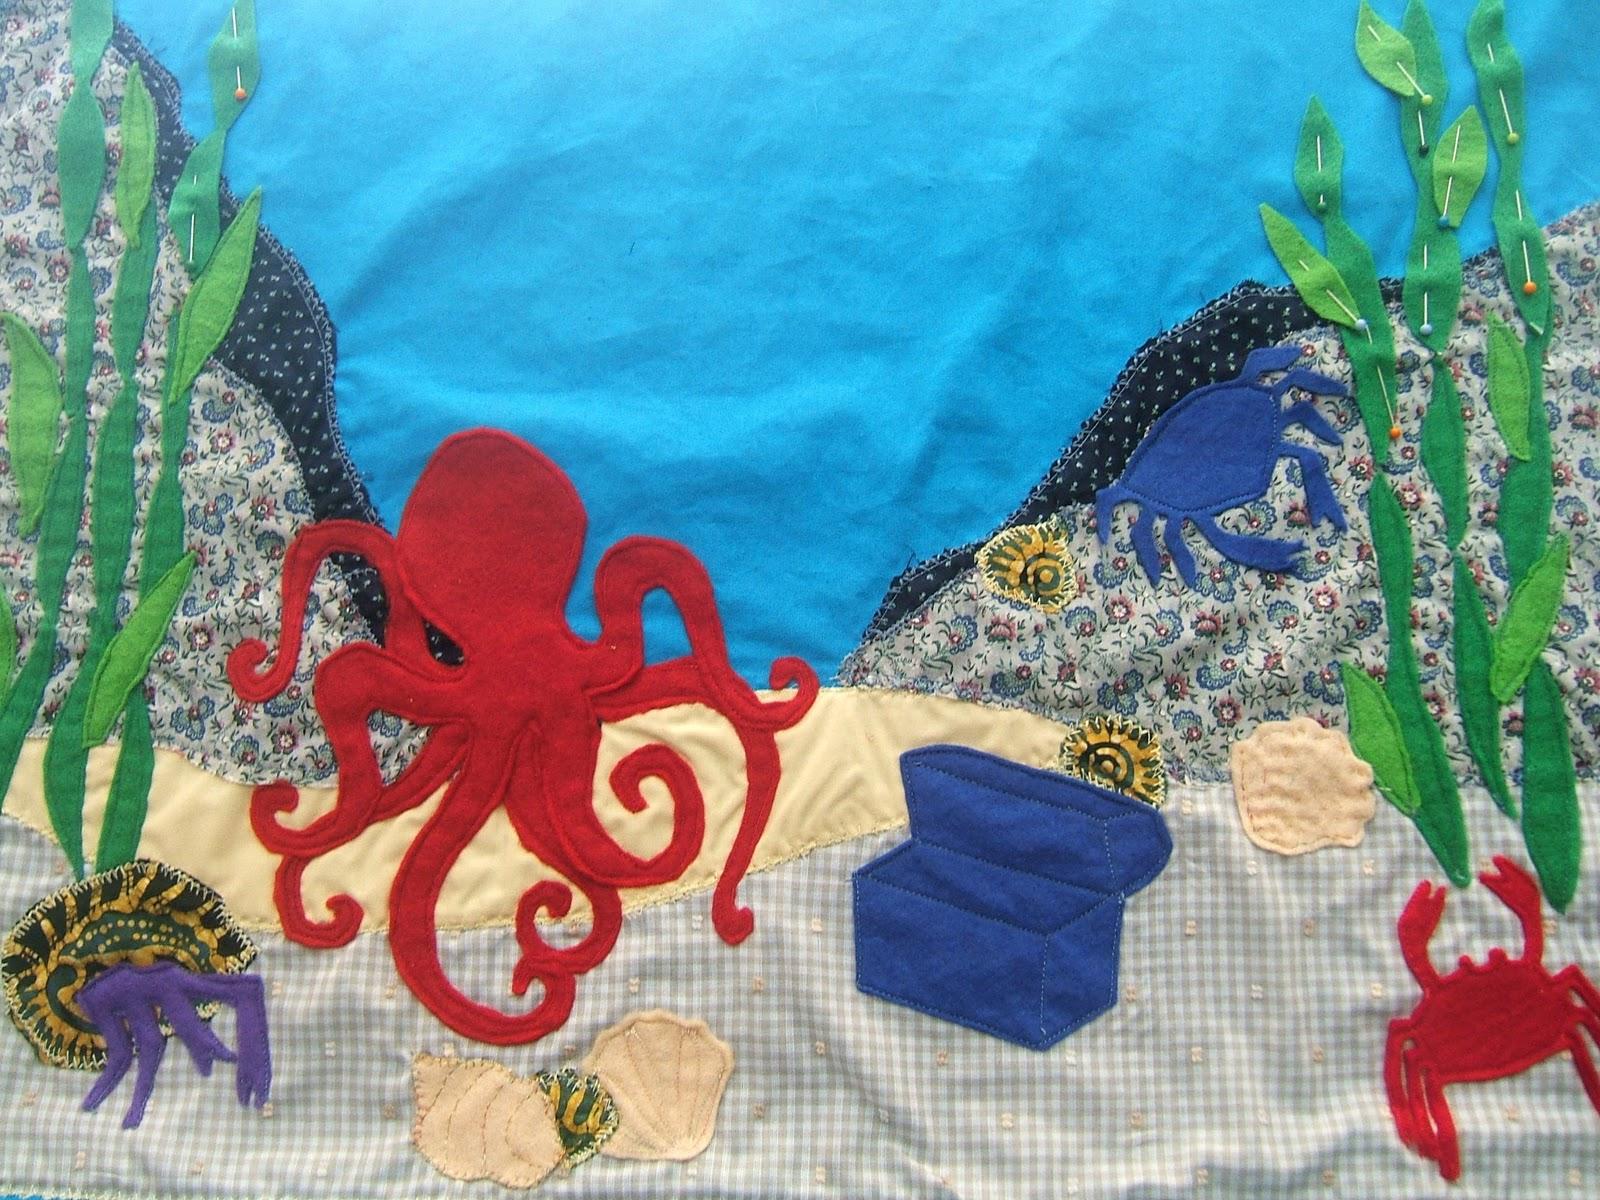 Aussie Knitting Threads Under The Sea In An Octopus 39 Garden